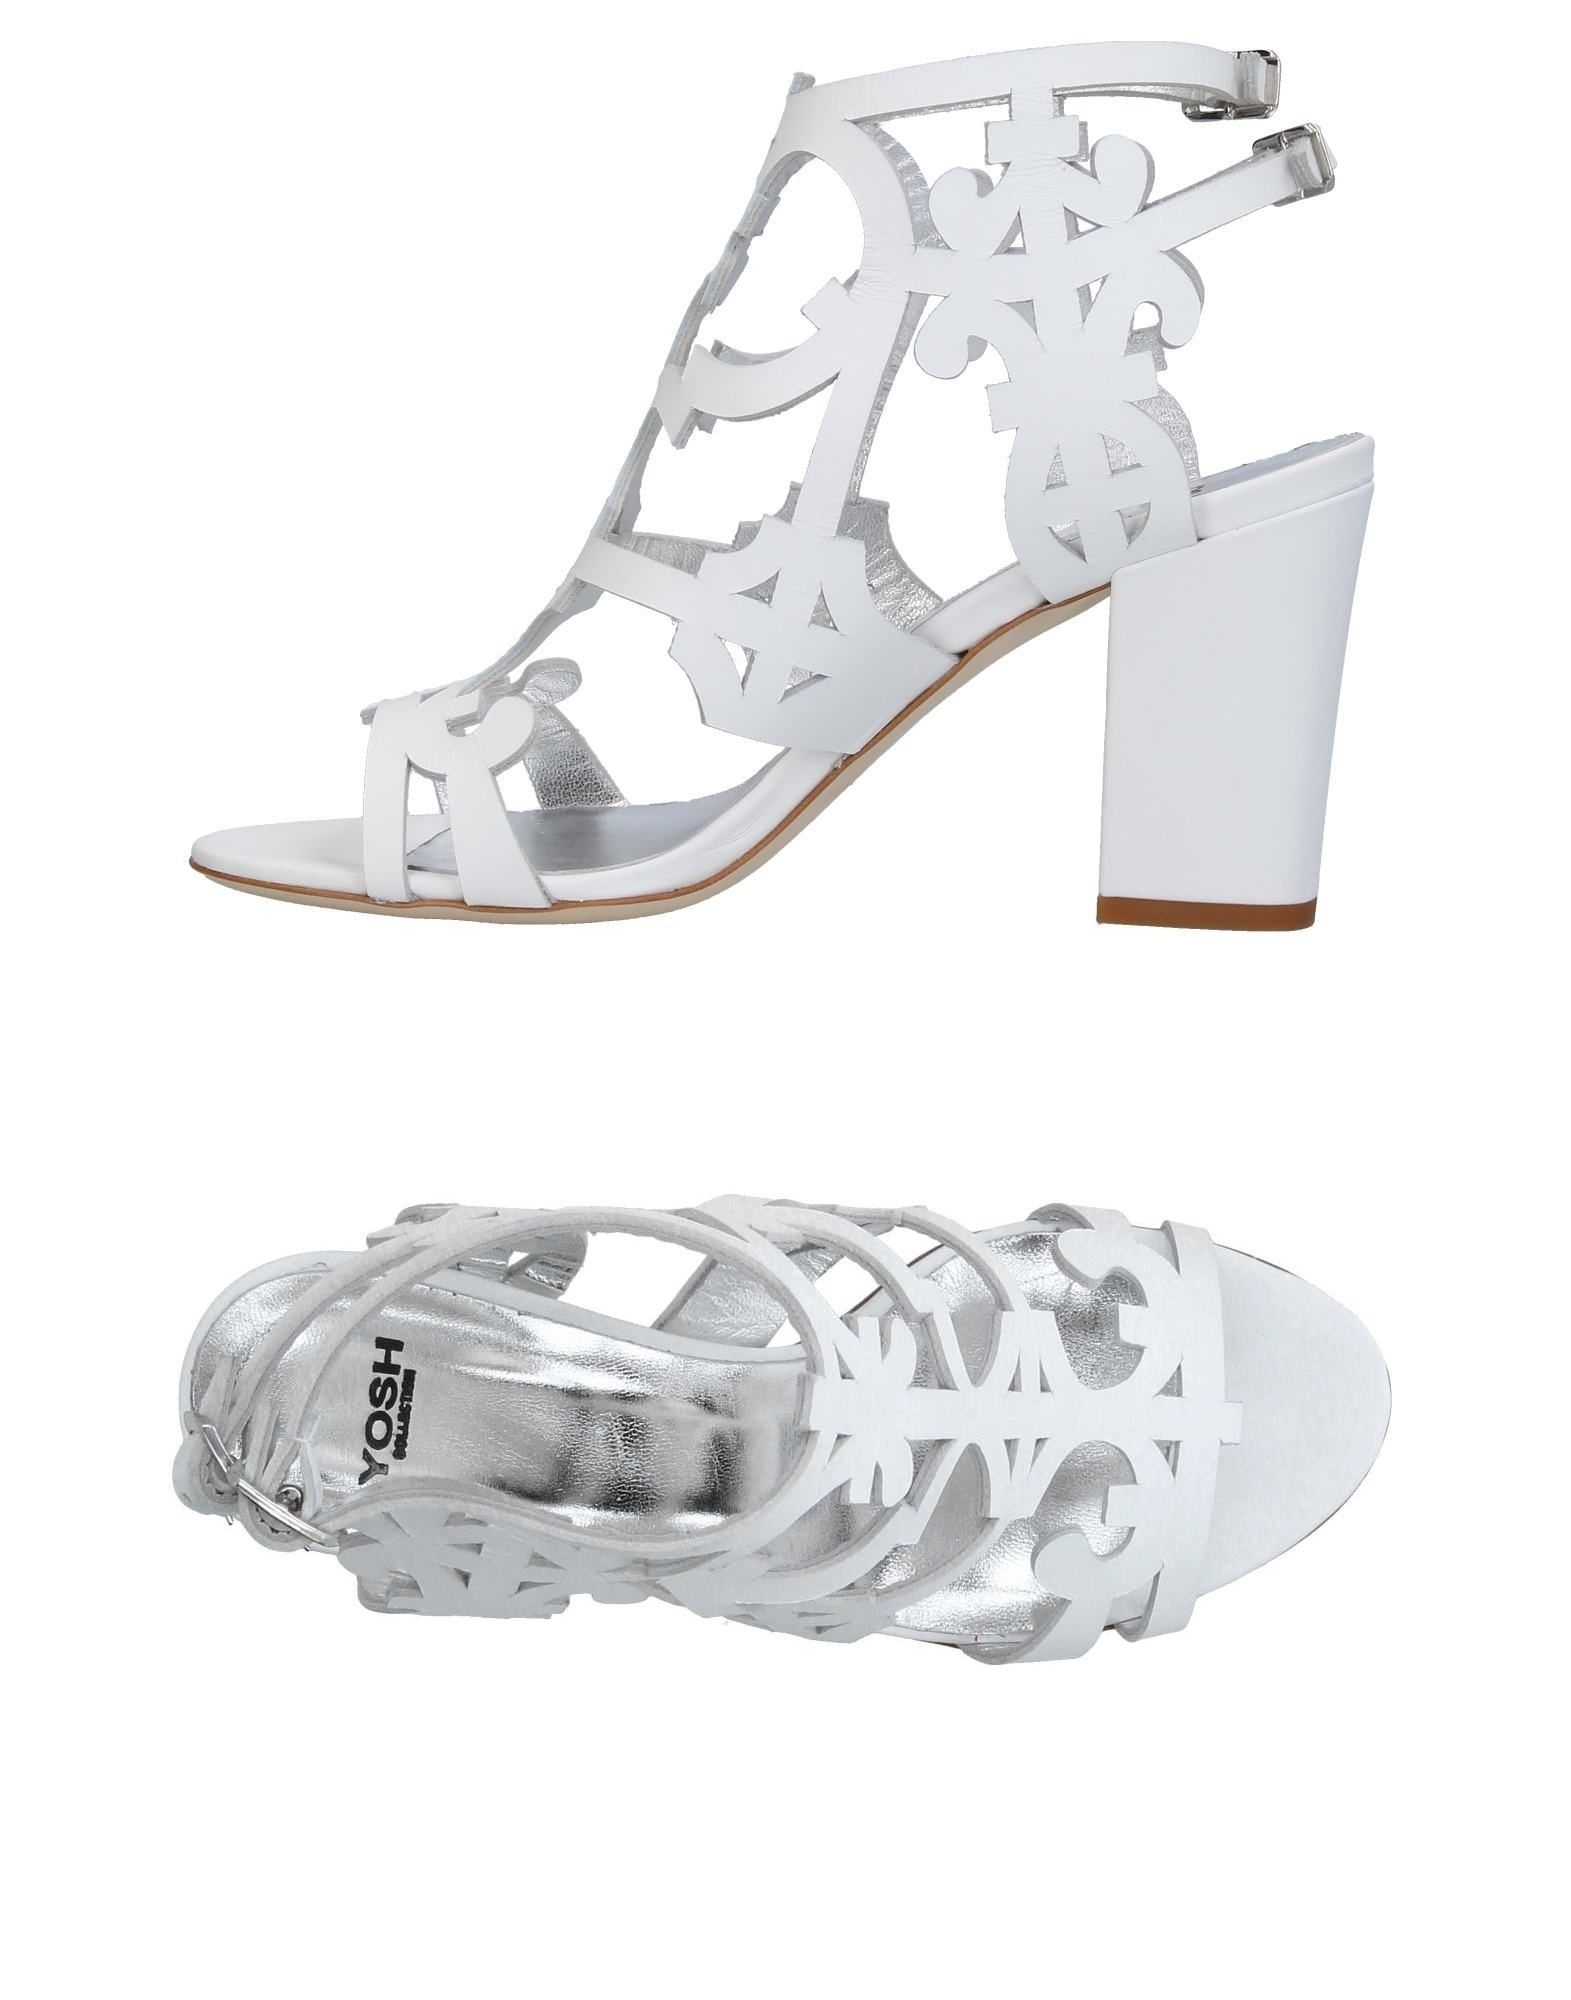 Yosh Collection Sandalen Damen  11362084XS Gute Qualität beliebte Schuhe